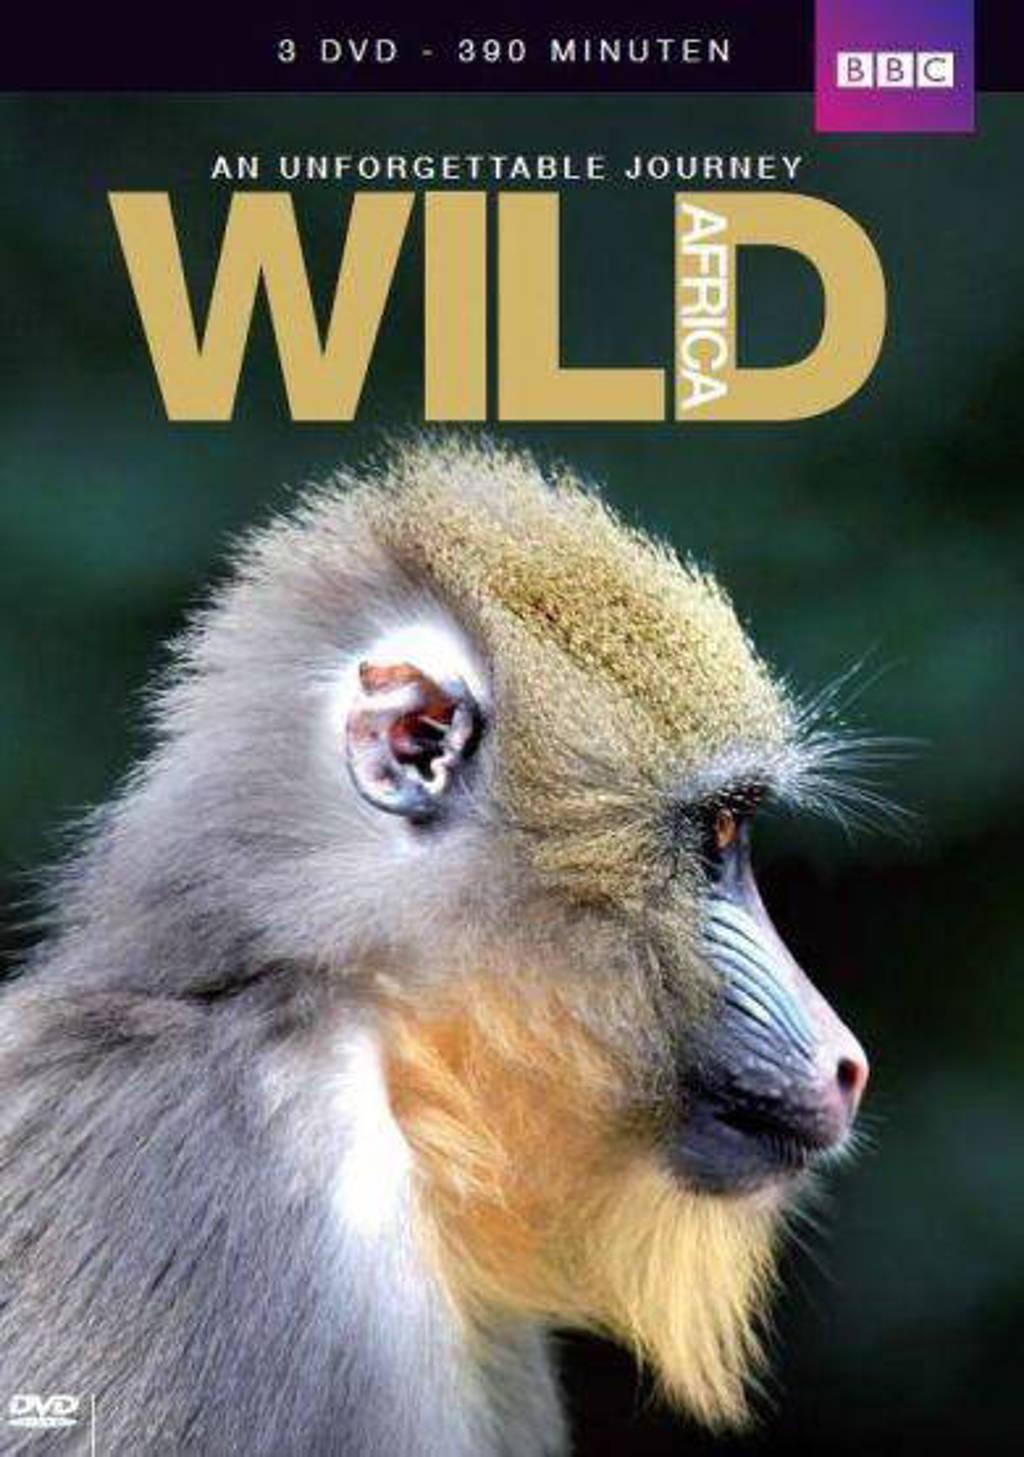 Wild Africa (DVD)